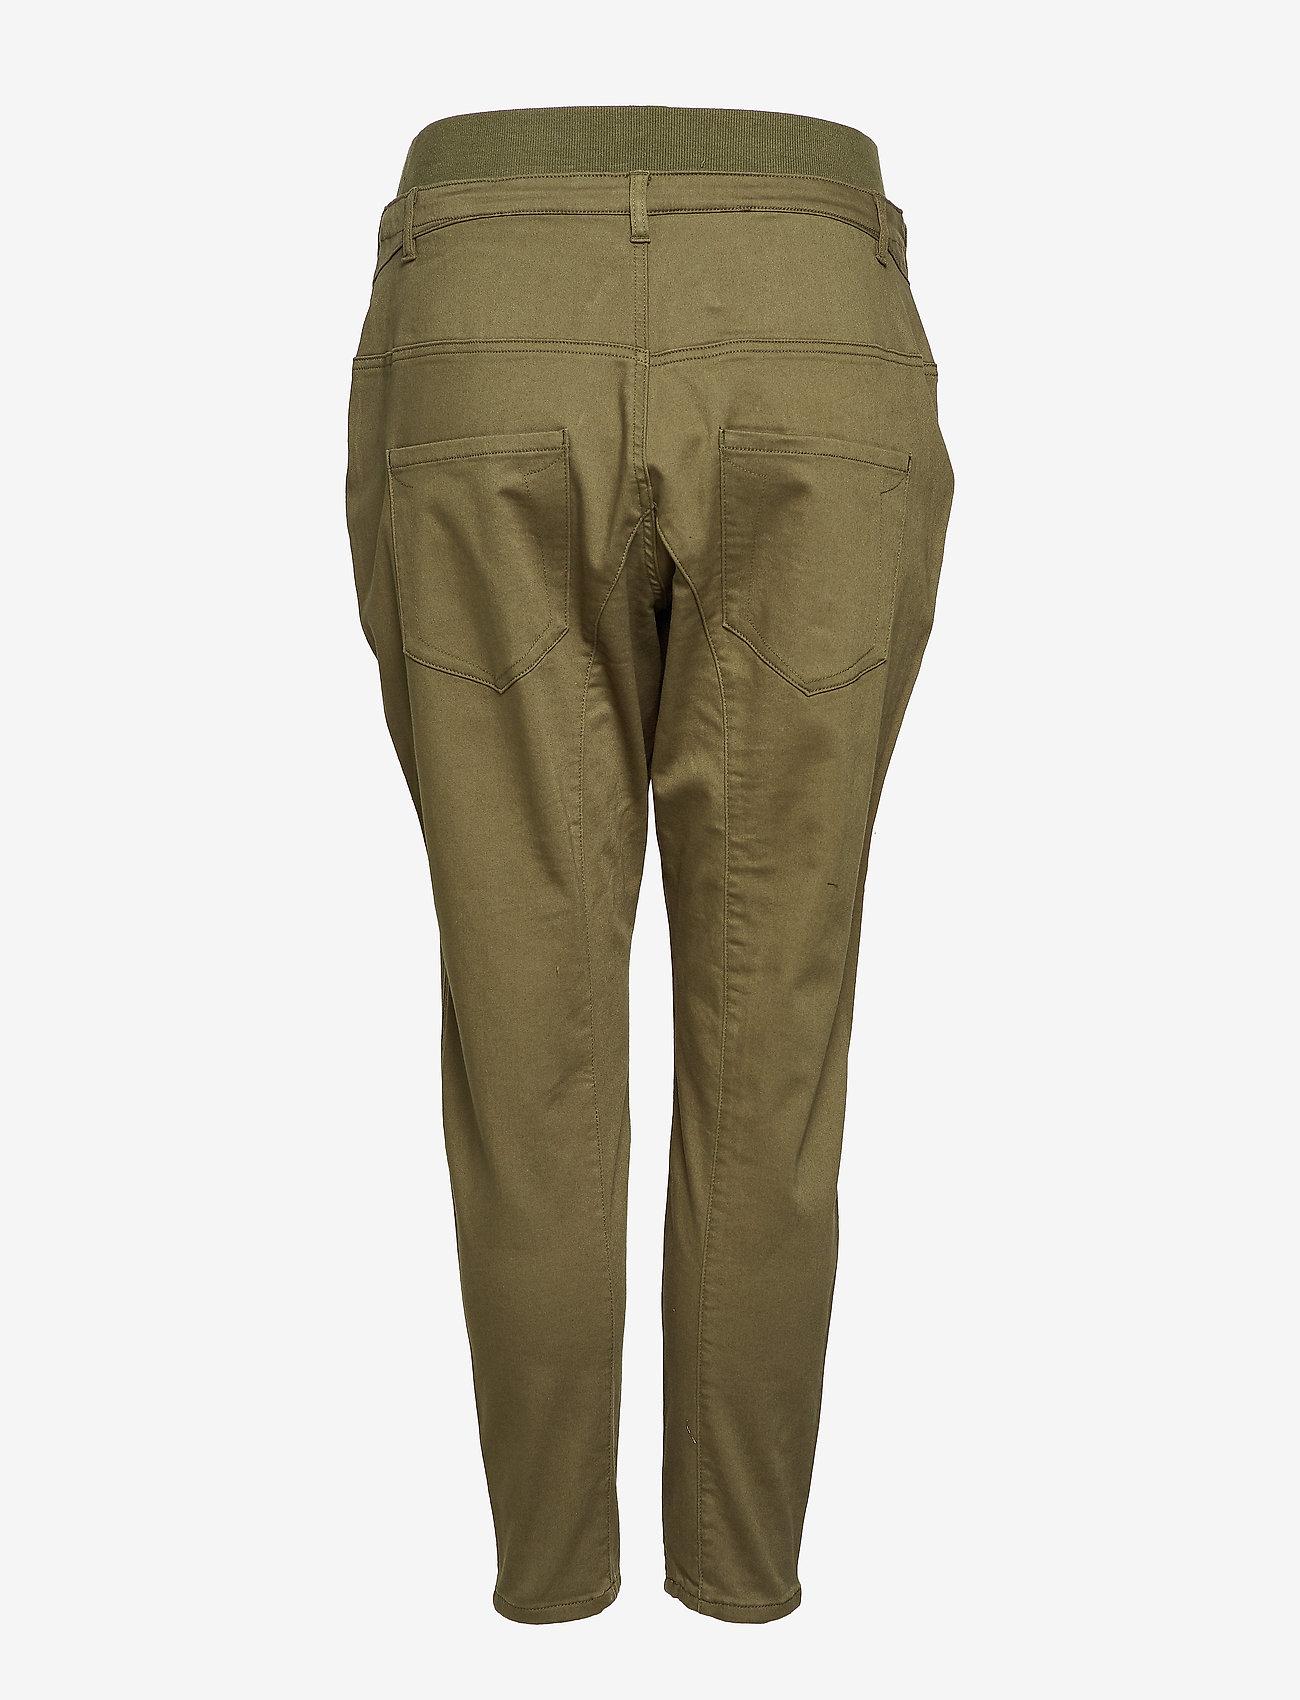 Zizzi PANTS, LONG - Spodnie GREEN - Kobiety Odzież.